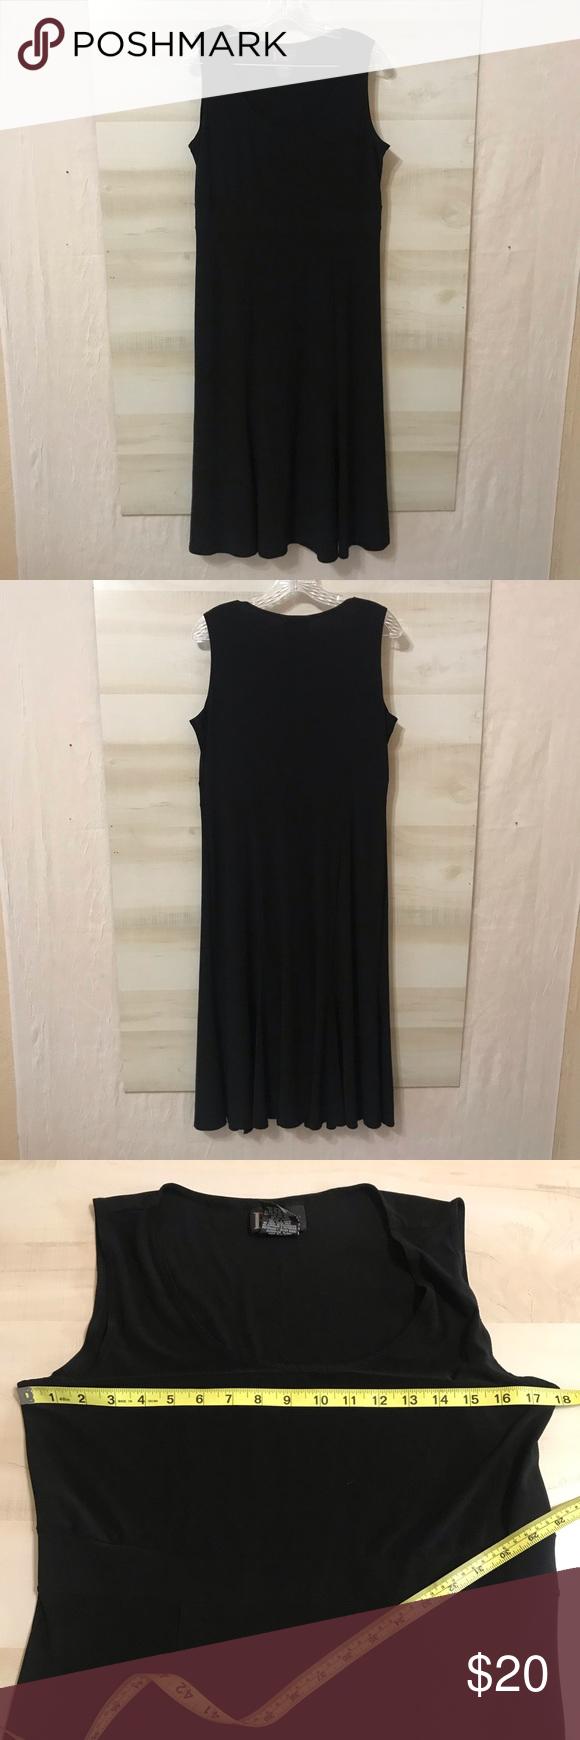 R K Essentials Black Sleeveless Dress Size 12 Black Sleeveless Dress Clothes Design Fashion Design [ 1740 x 580 Pixel ]